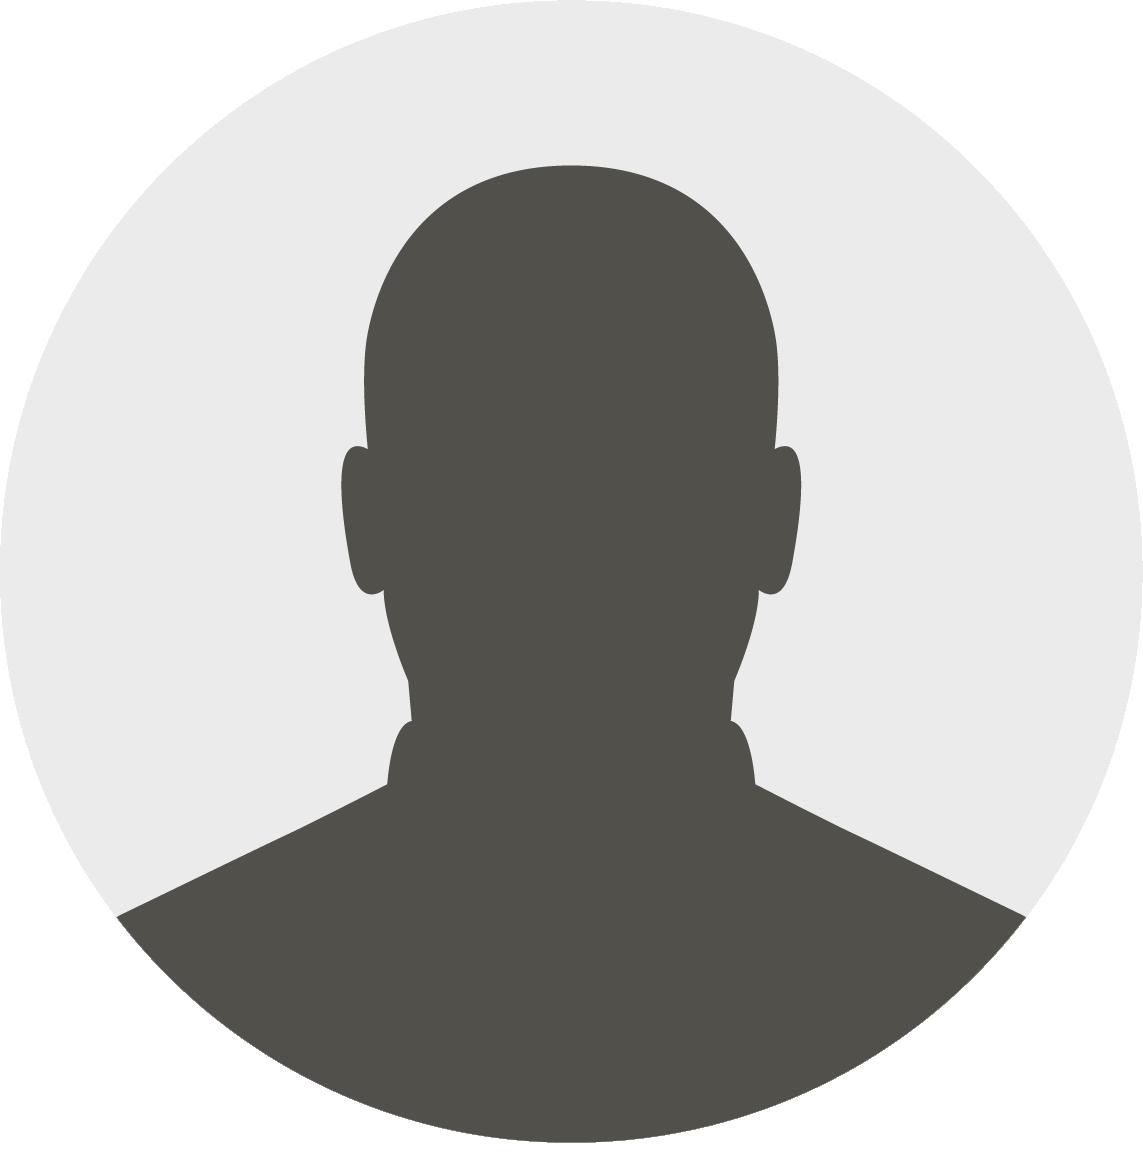 Samson Oyadongha